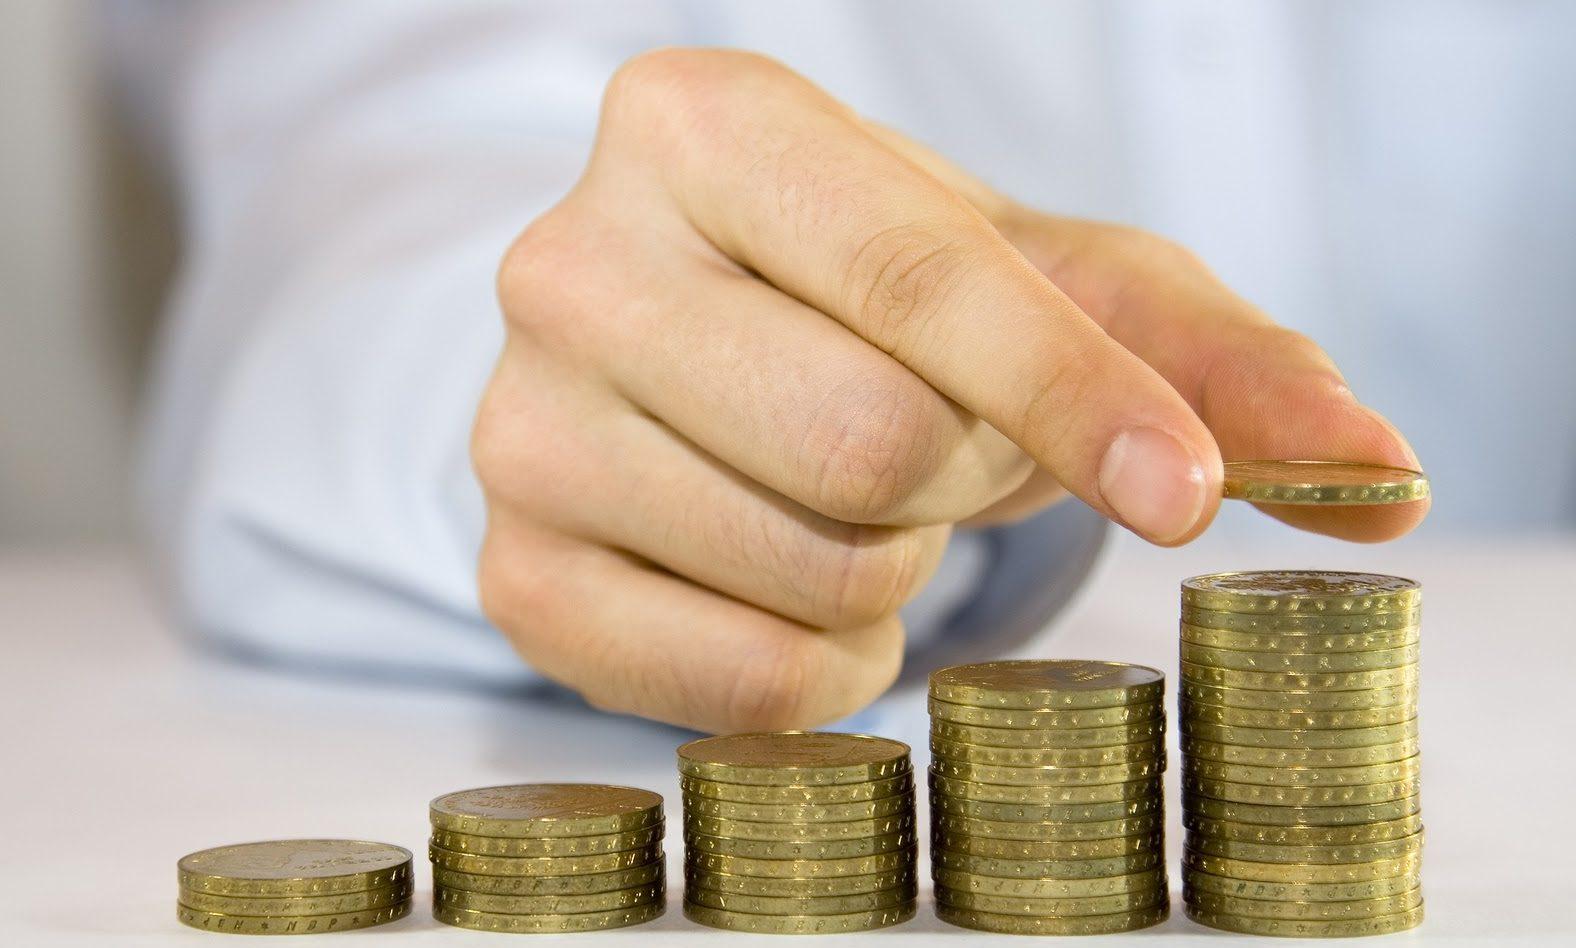 hogyan lehet pénzt keresni cigányul)